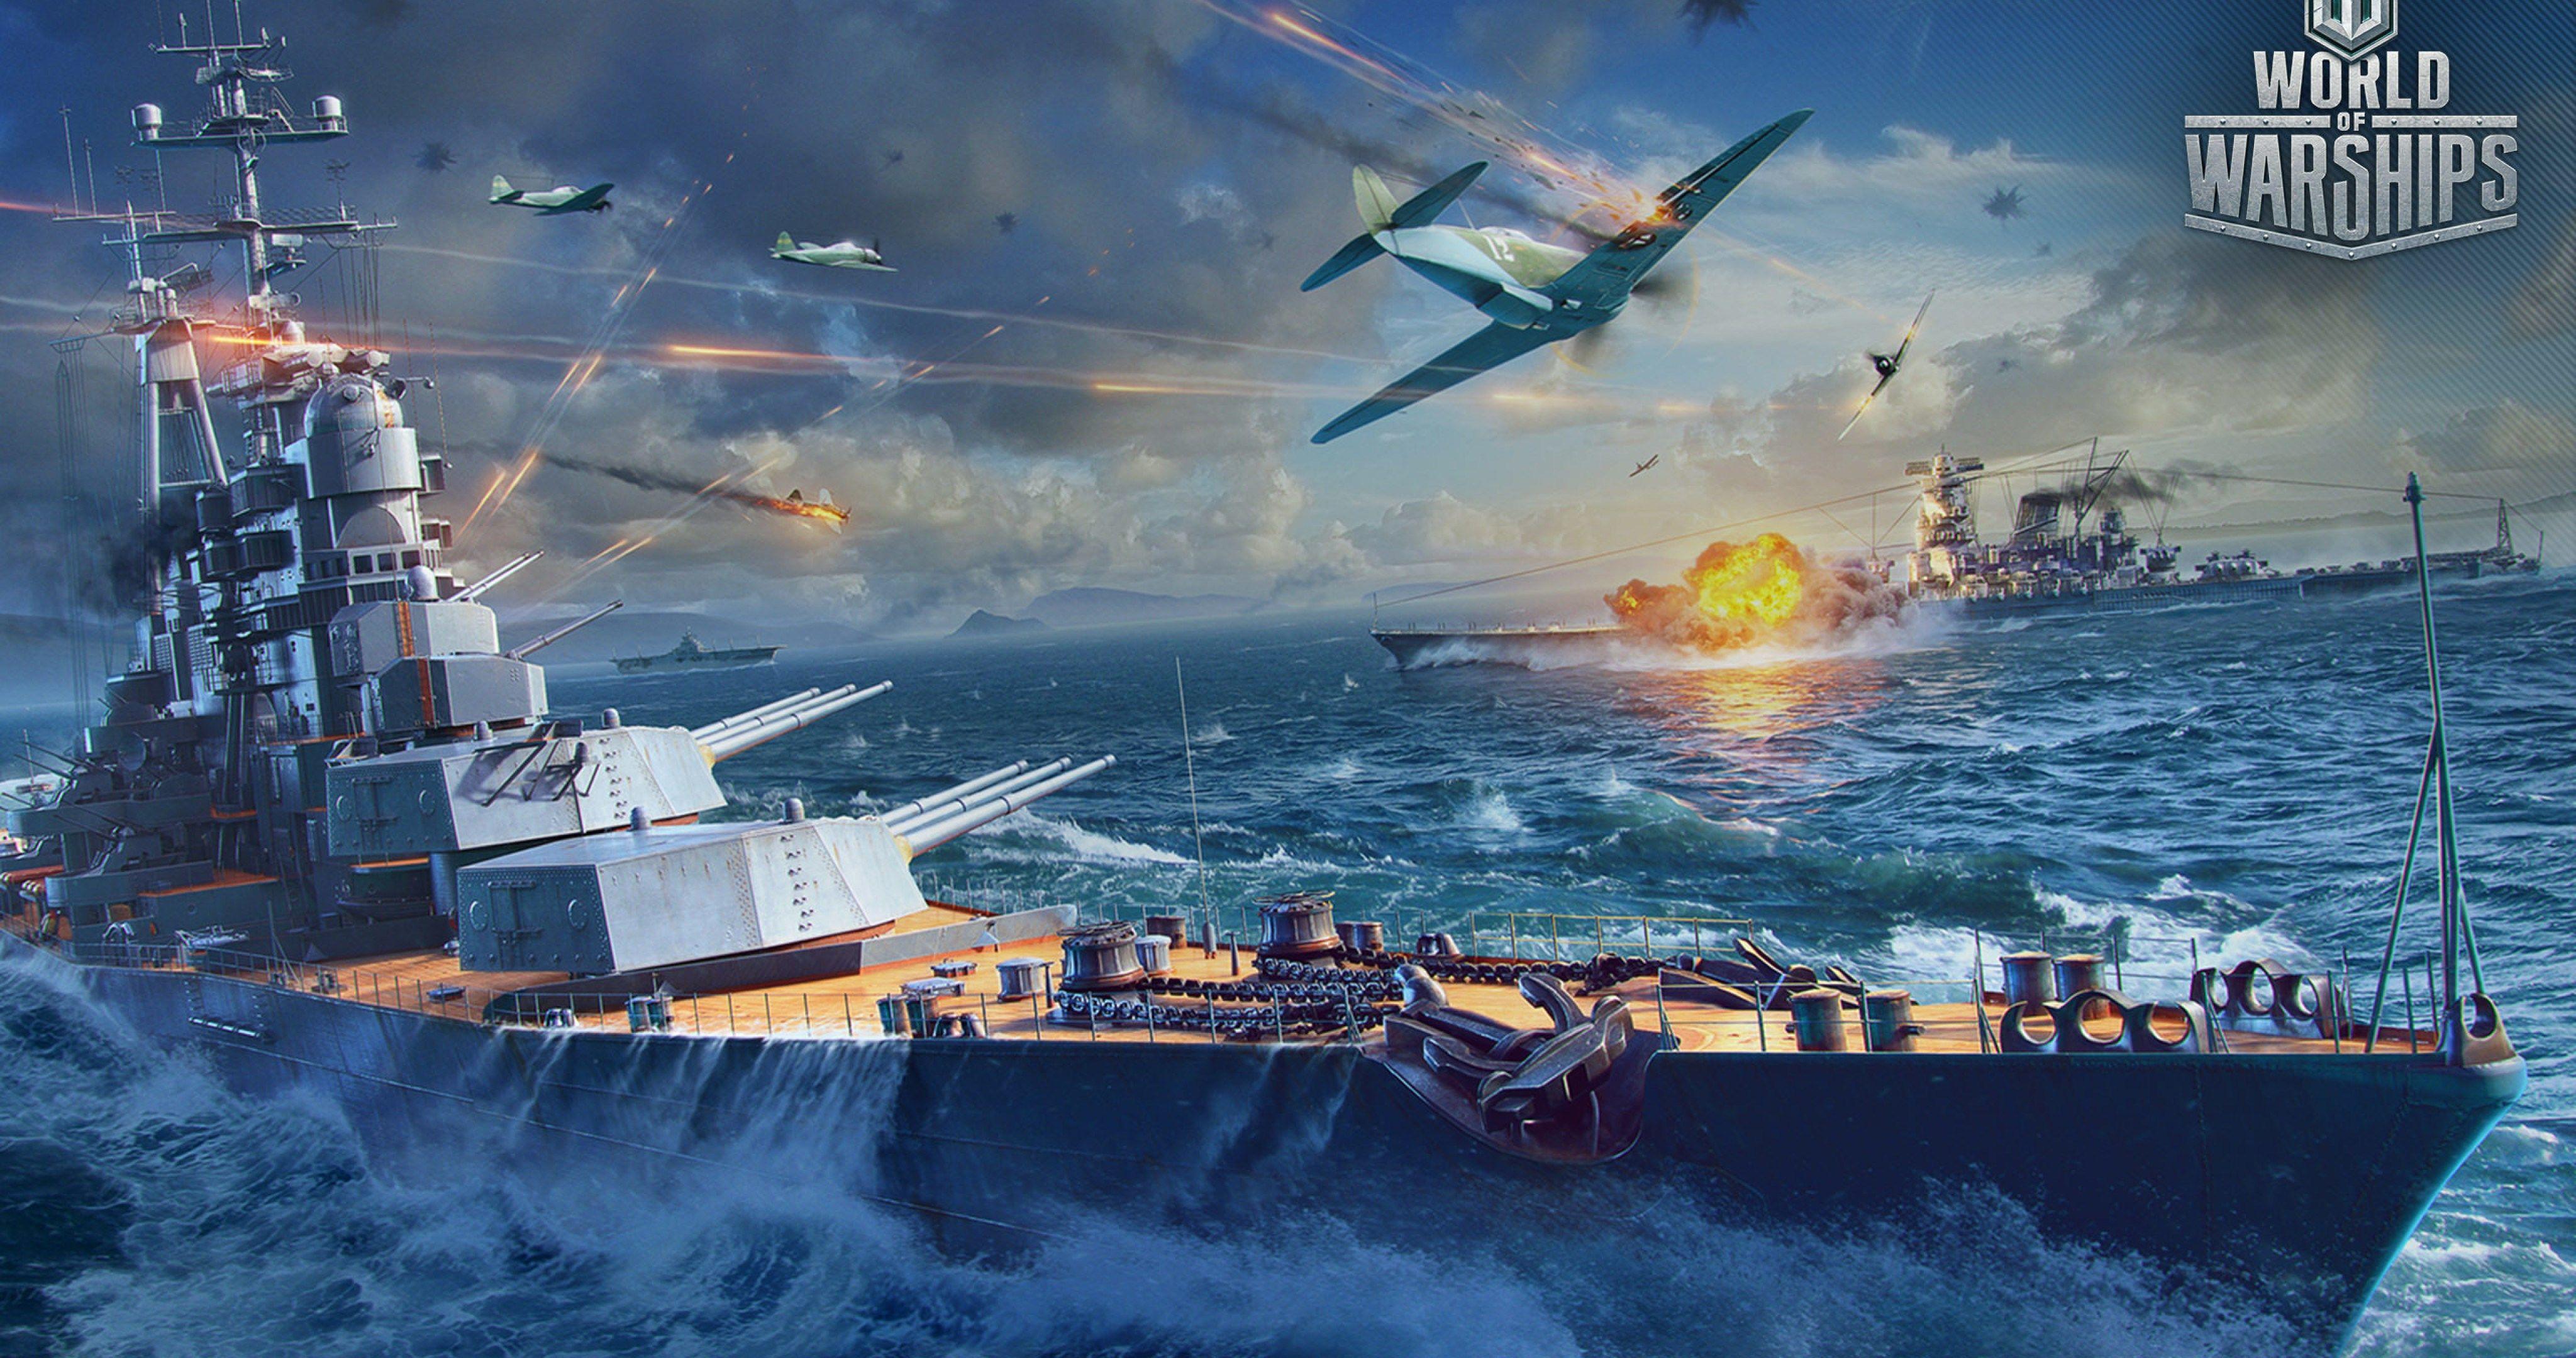 Ussr Battleship Attack 4k Ultra Hd Wallpaper World Of Warships Wallpaper Battleship Warship